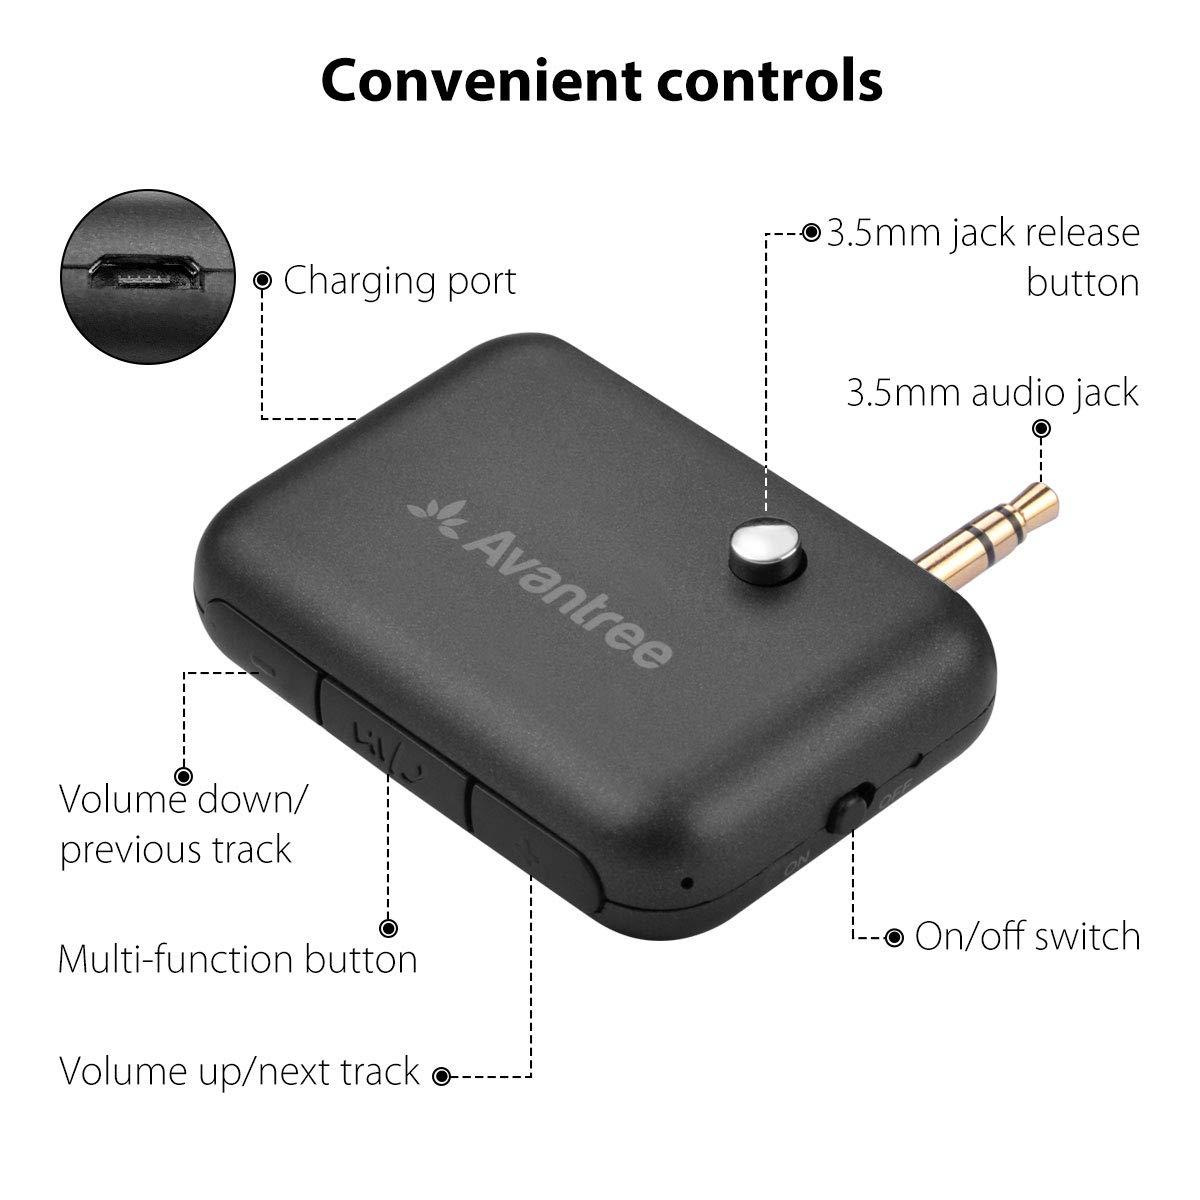 Dual Link /& Asistente de Voz Kit Manos Libres con Adaptador de Audio 3.5mm AUX para Est/éreo Avantree CK210 Receptor Bluetooth 4.1 para Coche